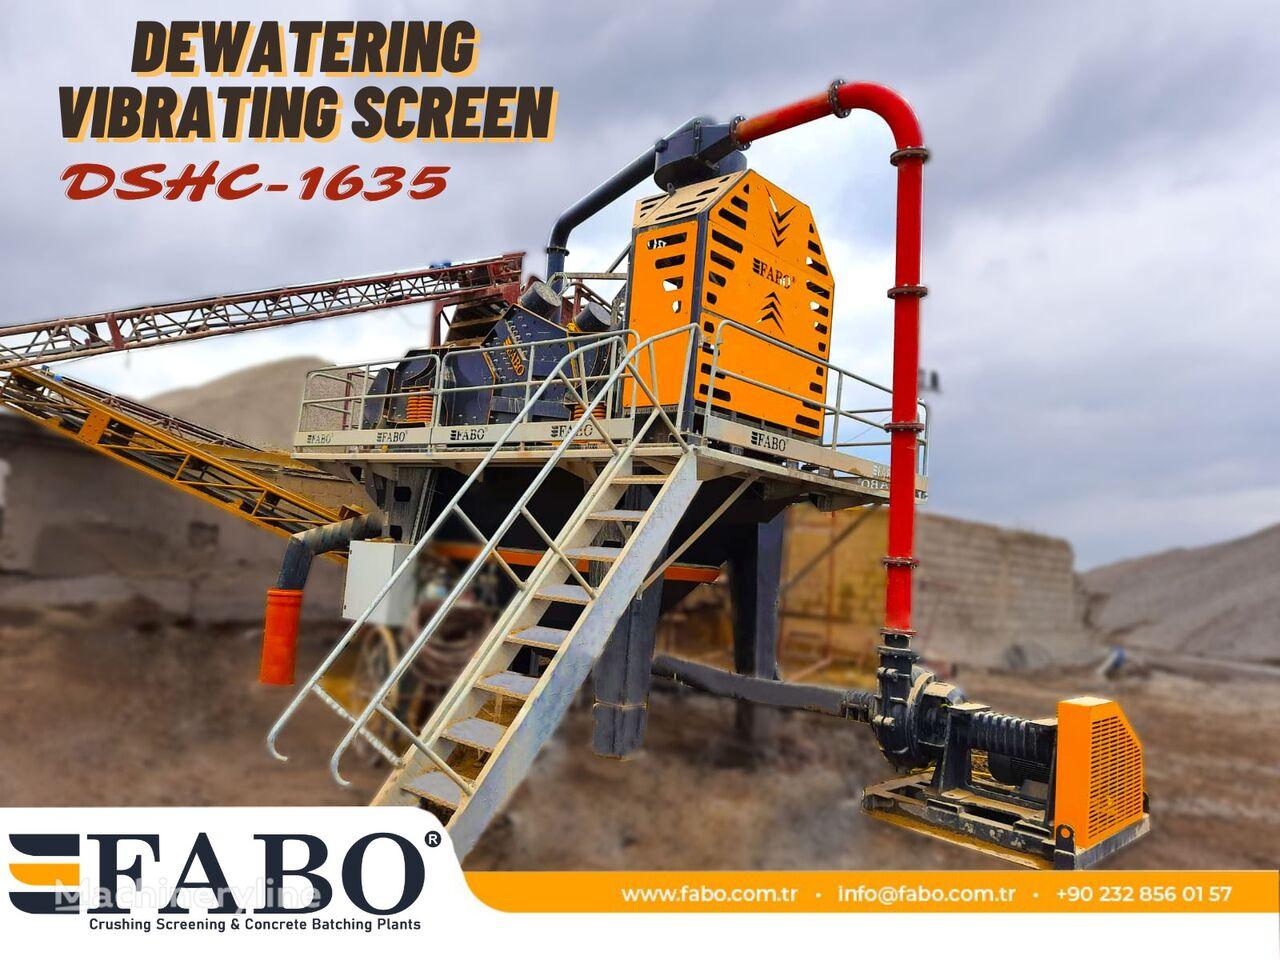 mesin pemilah getar FABO DSHC-1635 DEWATERING SCREEN baru